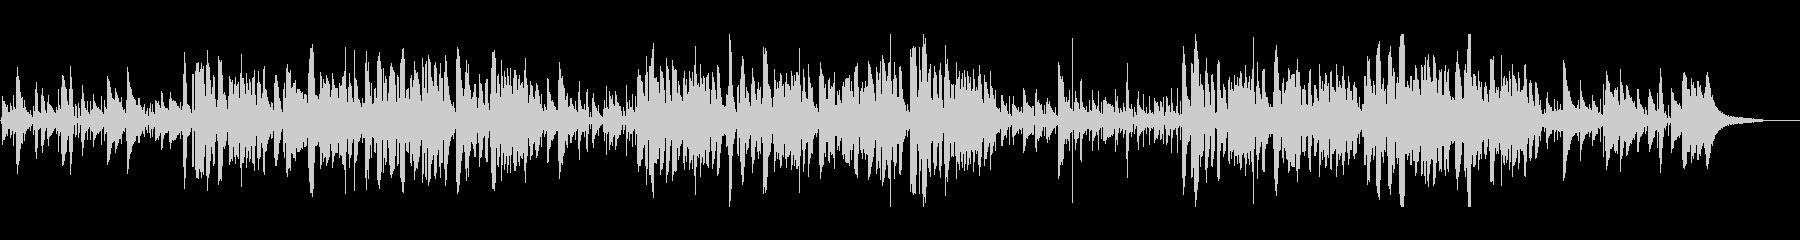 クリスマス曲をプロがボサノヴァ編曲で歌うの未再生の波形